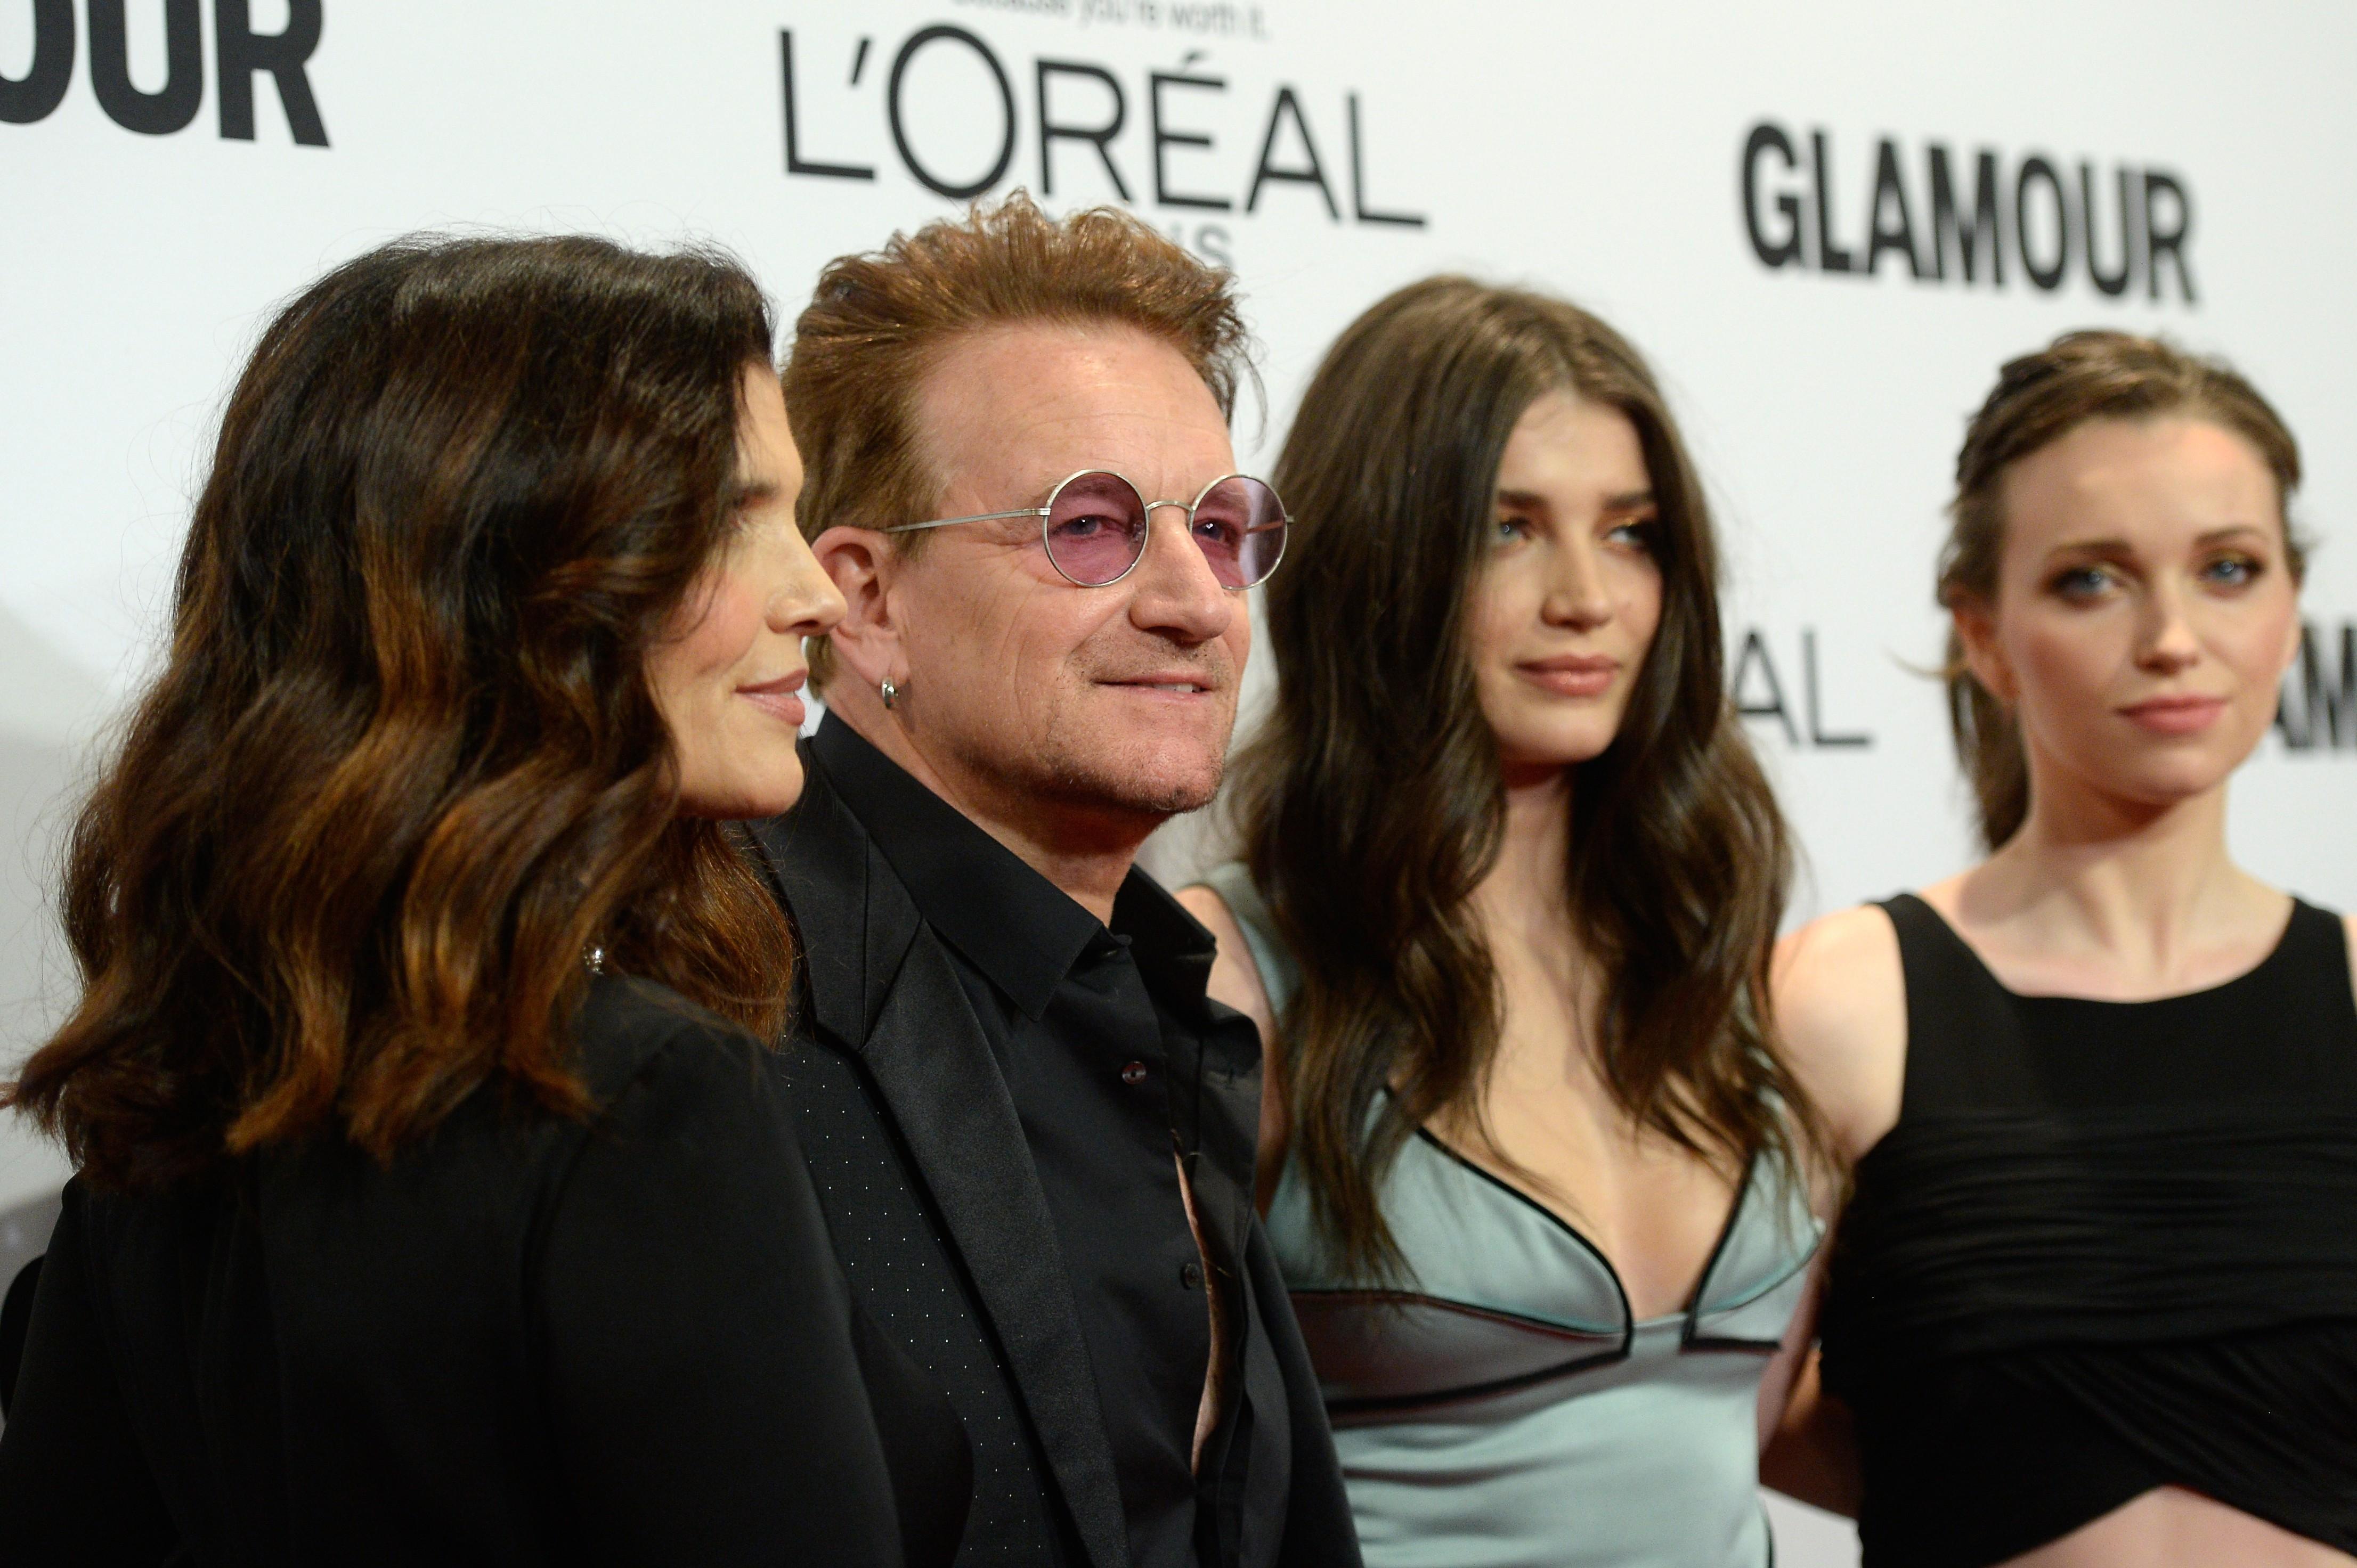 A atriz Eve Hewson com o pai, Bono Vox, a mãe, Ali Hewson, e uma irmã (Foto: Getty Images)